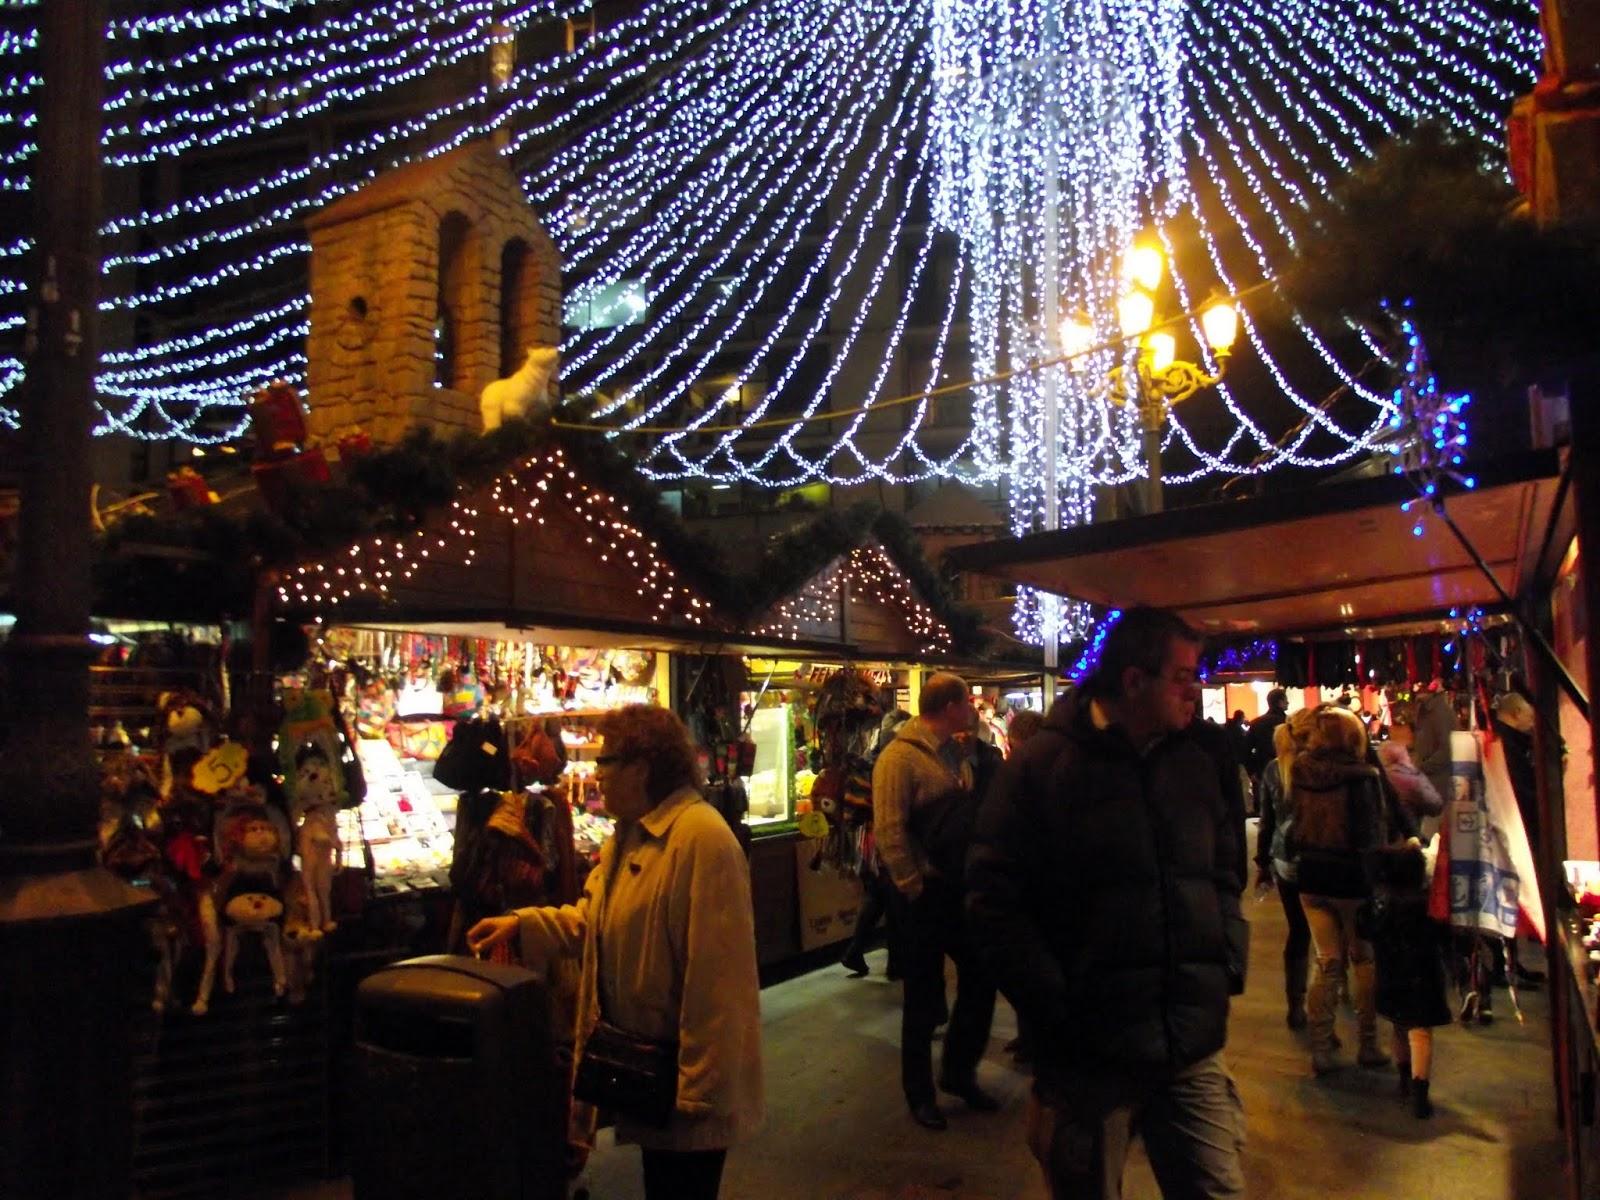 Navidad en madrid vero4travel - Mercado de navidad en madrid ...